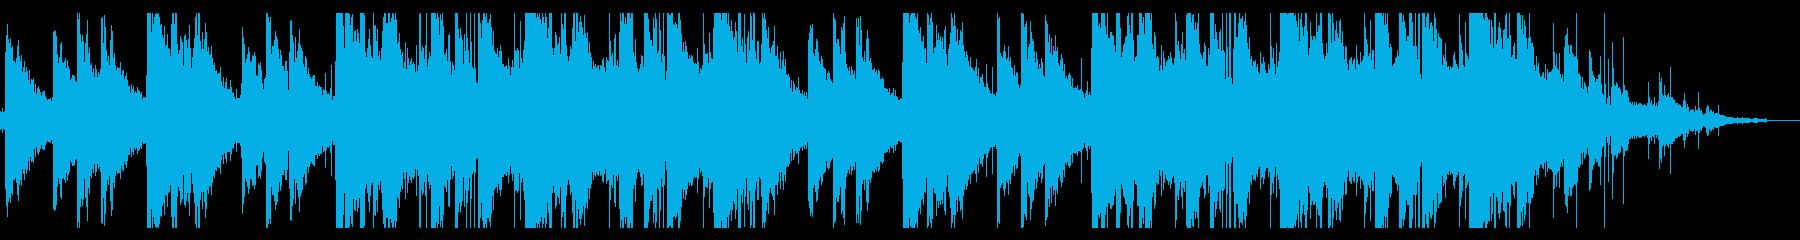 海/ローファイヒップホップ_No404の再生済みの波形